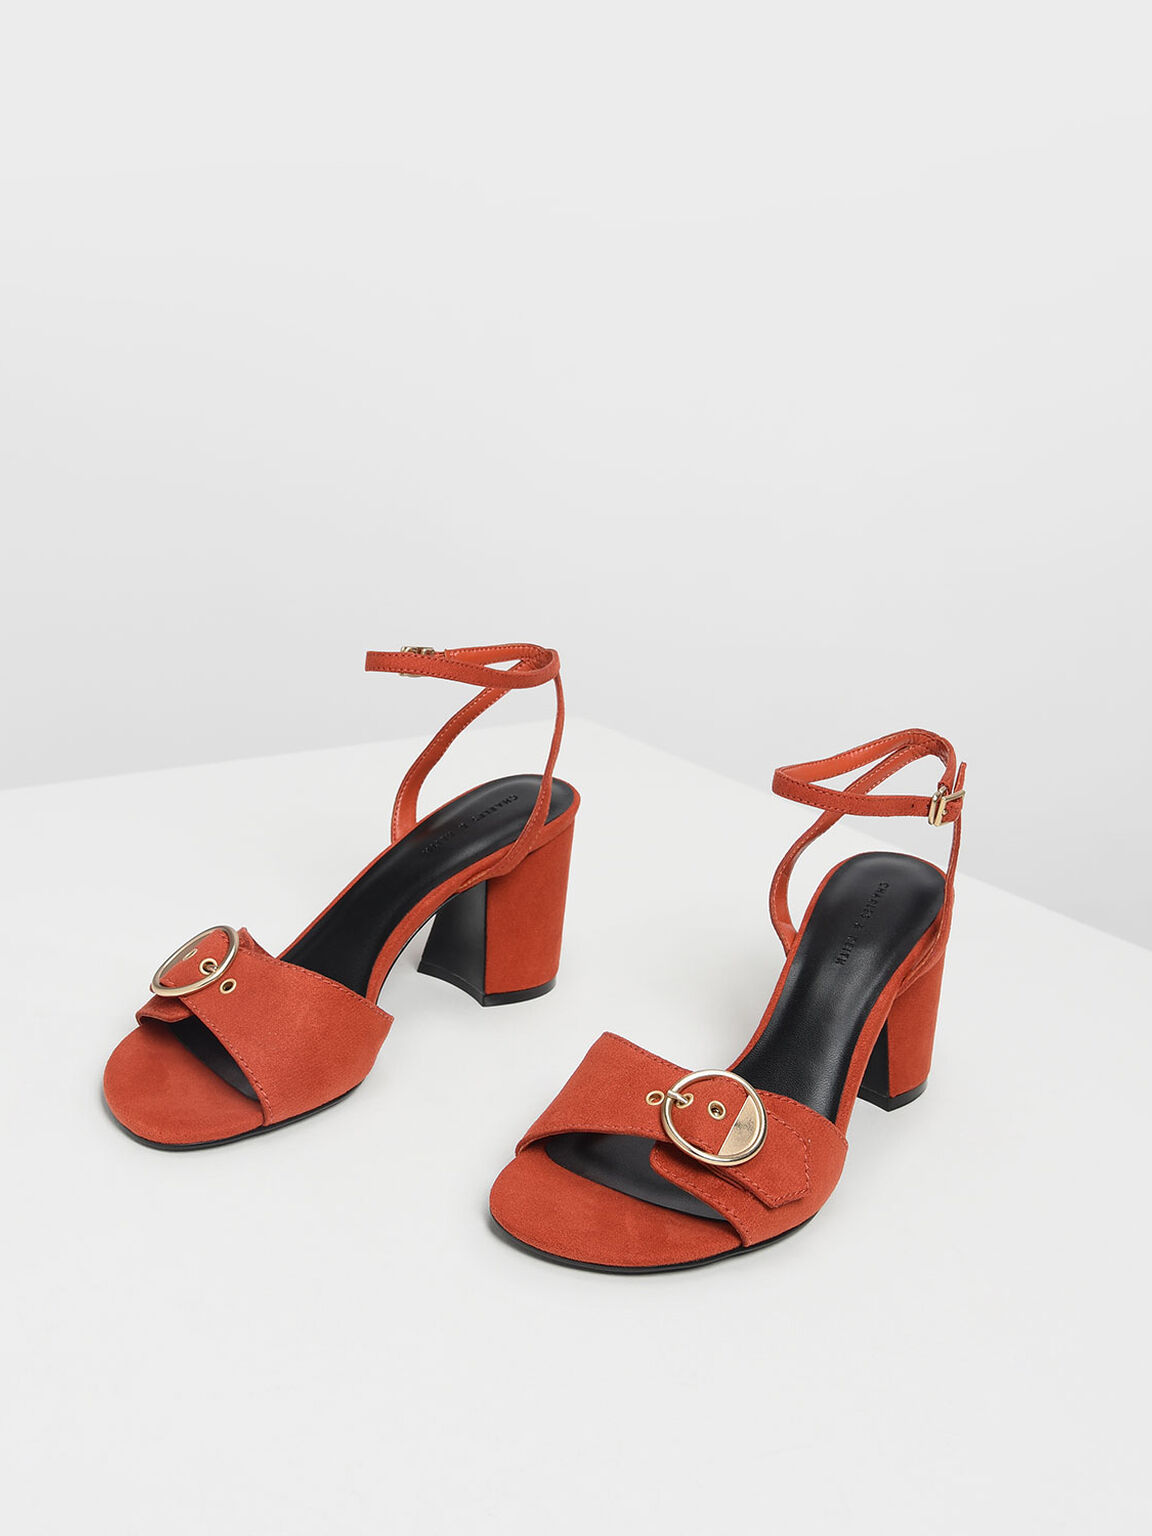 Gold Buckle Detail Heeled Sandals, Orange, hi-res